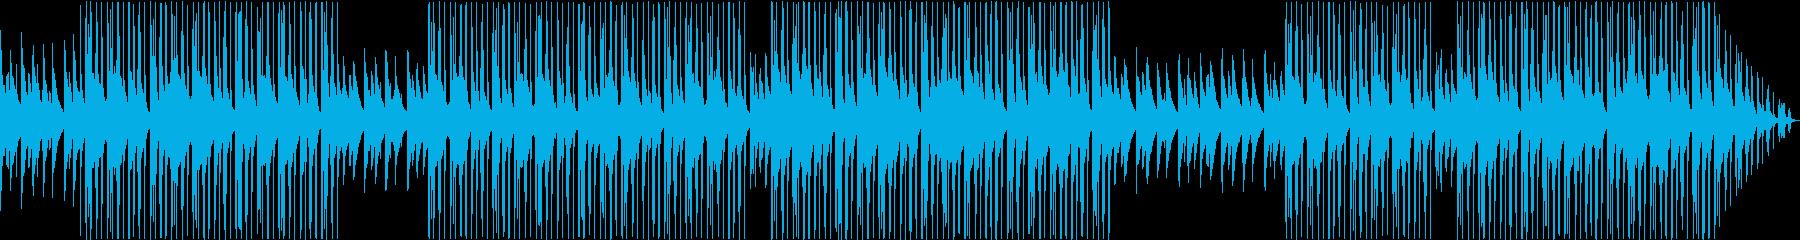 洋楽・海外・ヒップホップ・ピアノ・ベースの再生済みの波形